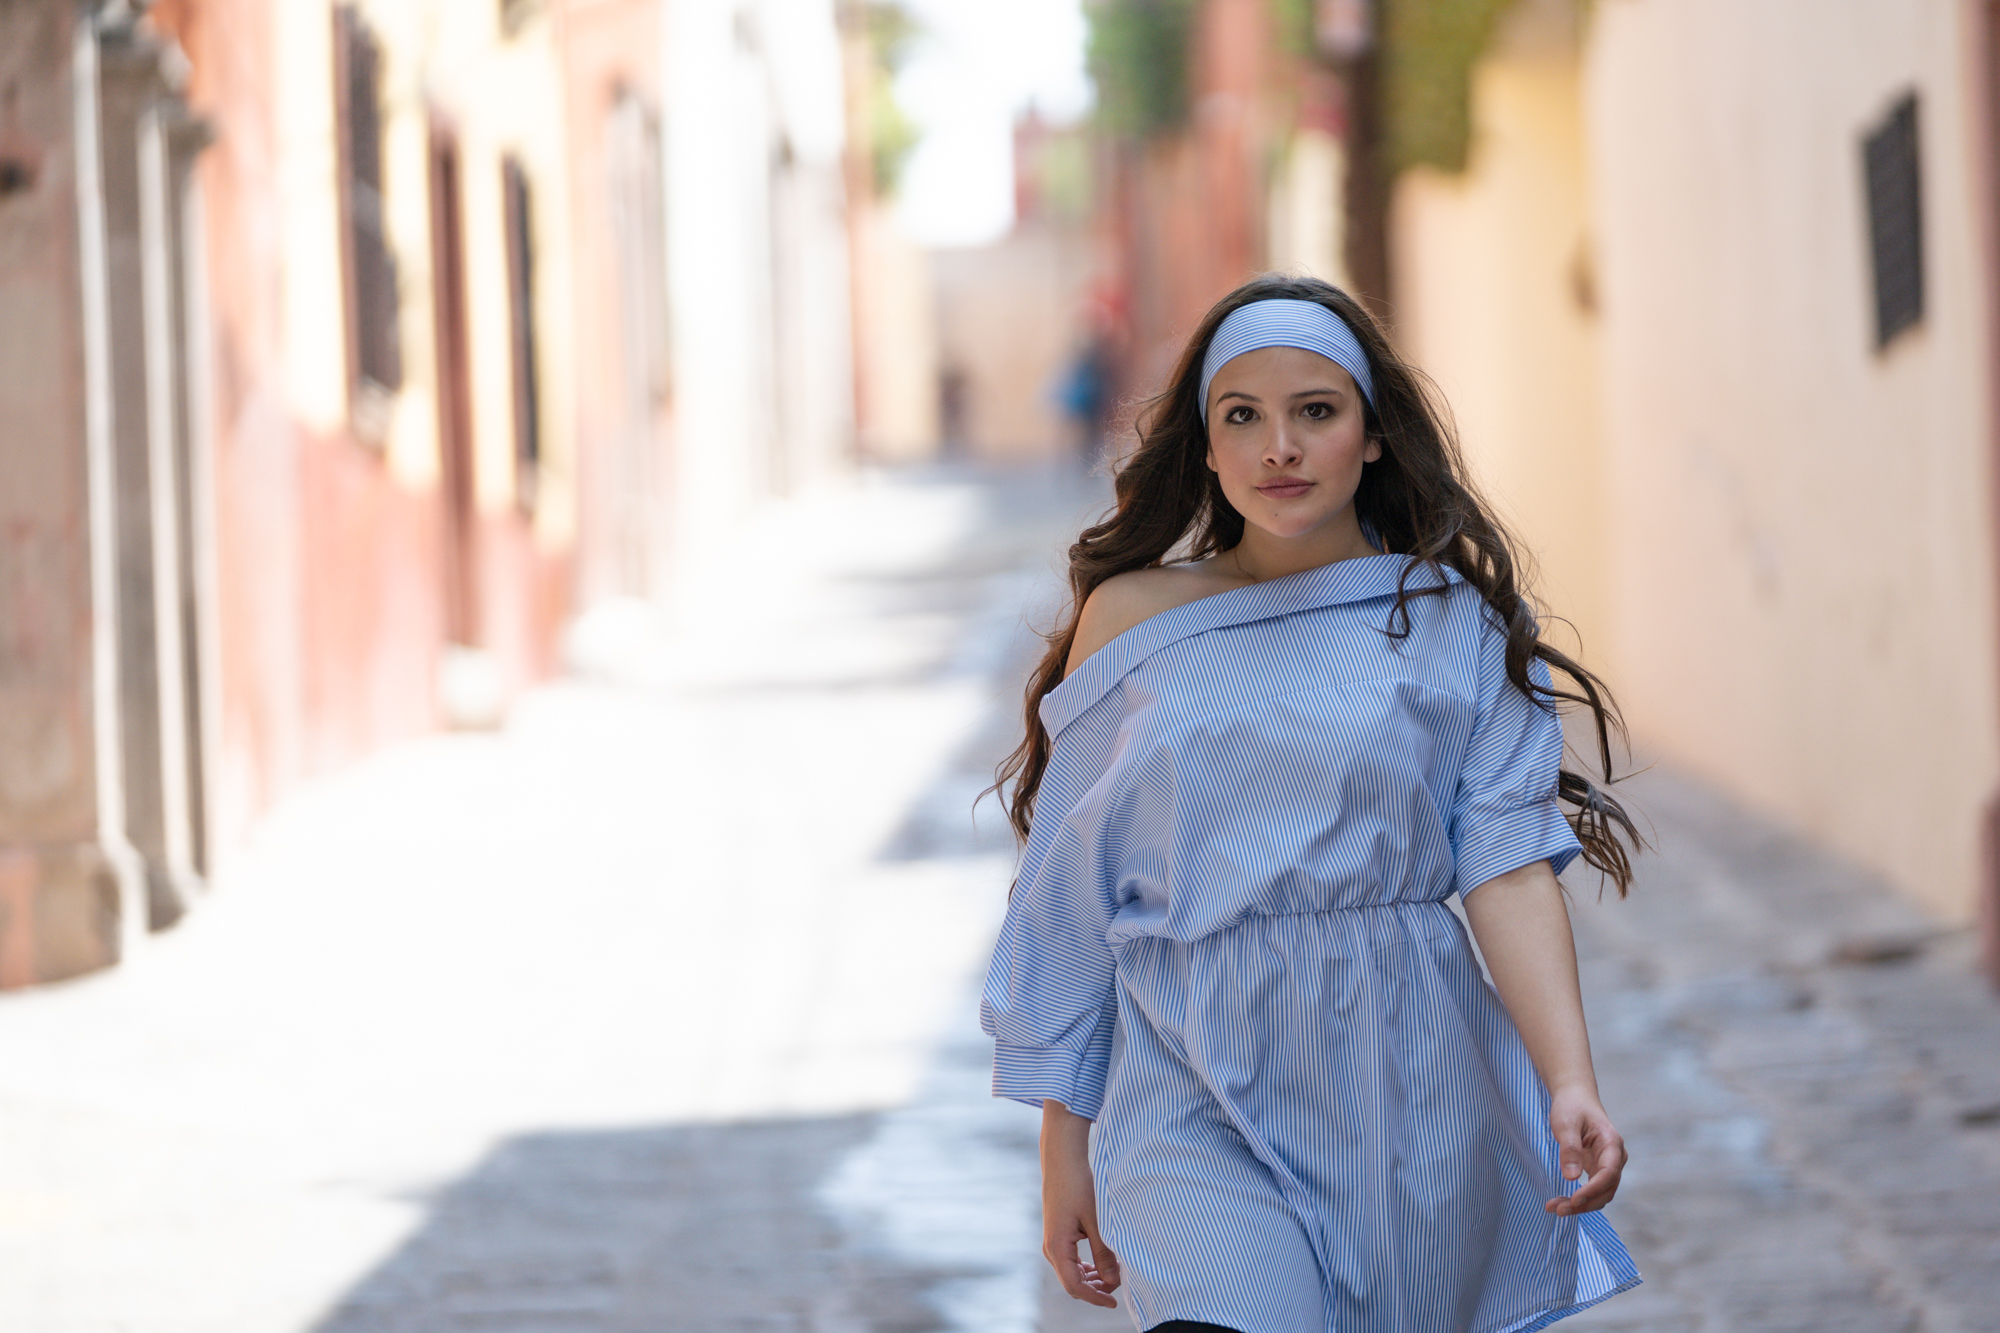 Sesion de Fotos en San Miguel de Allende con Rogelio y su Fmailia-53.jpg